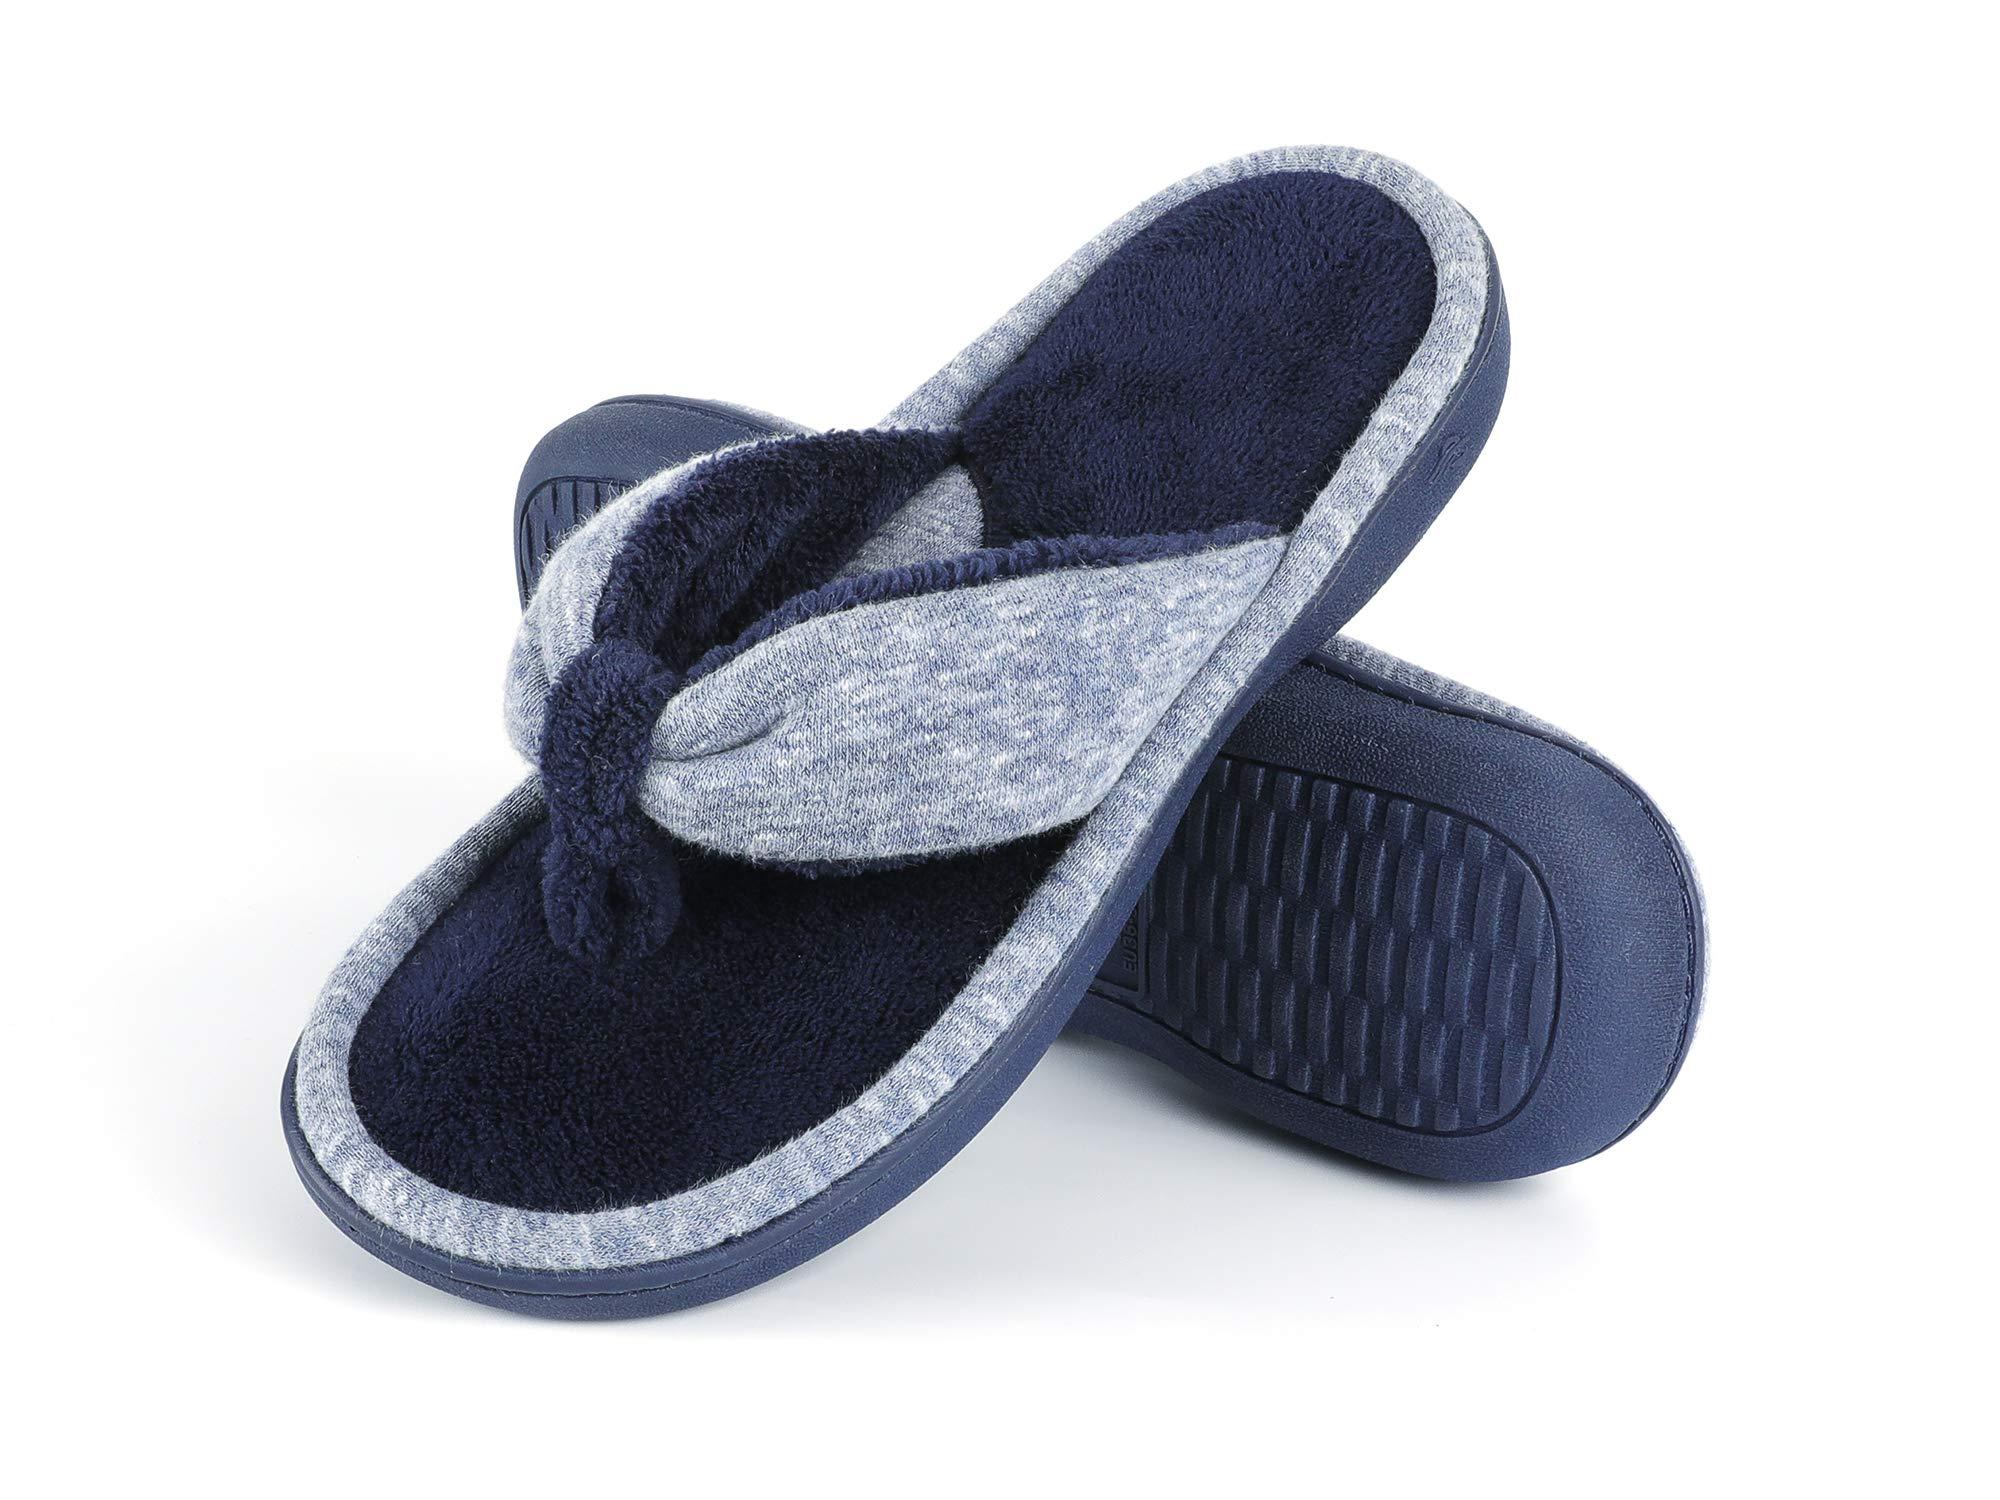 Wishcotton Women's Adjustable Memory Foam Flip Flop Slippers Cozy Lightweight Open Toe House Shoes